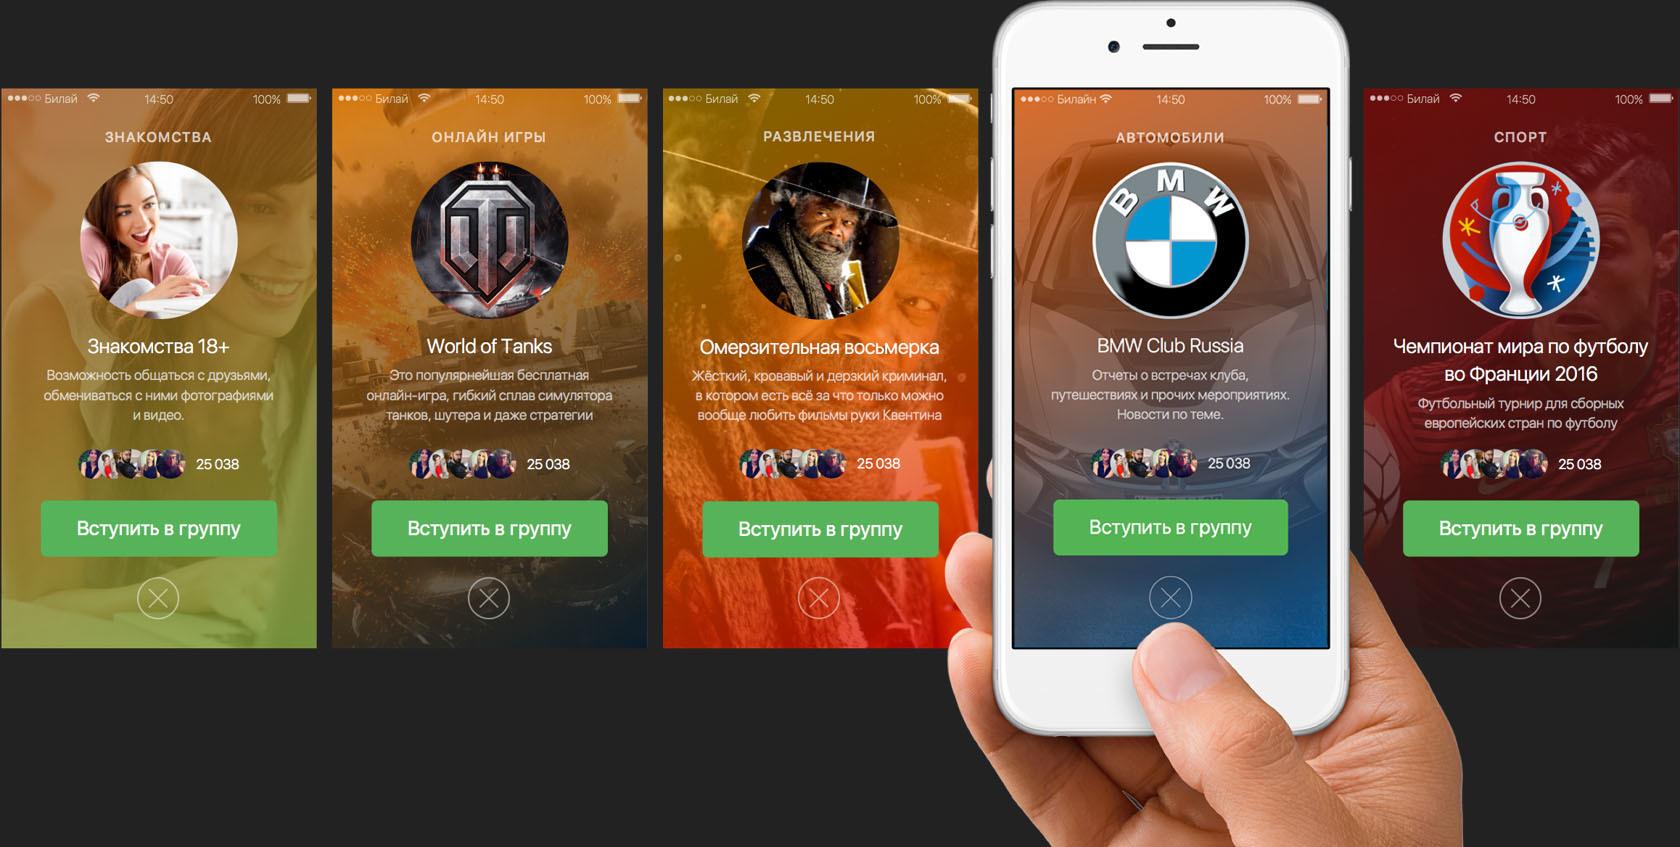 ICQ Contest. Итоги конкурса на редизайн мобильного приложения - 30